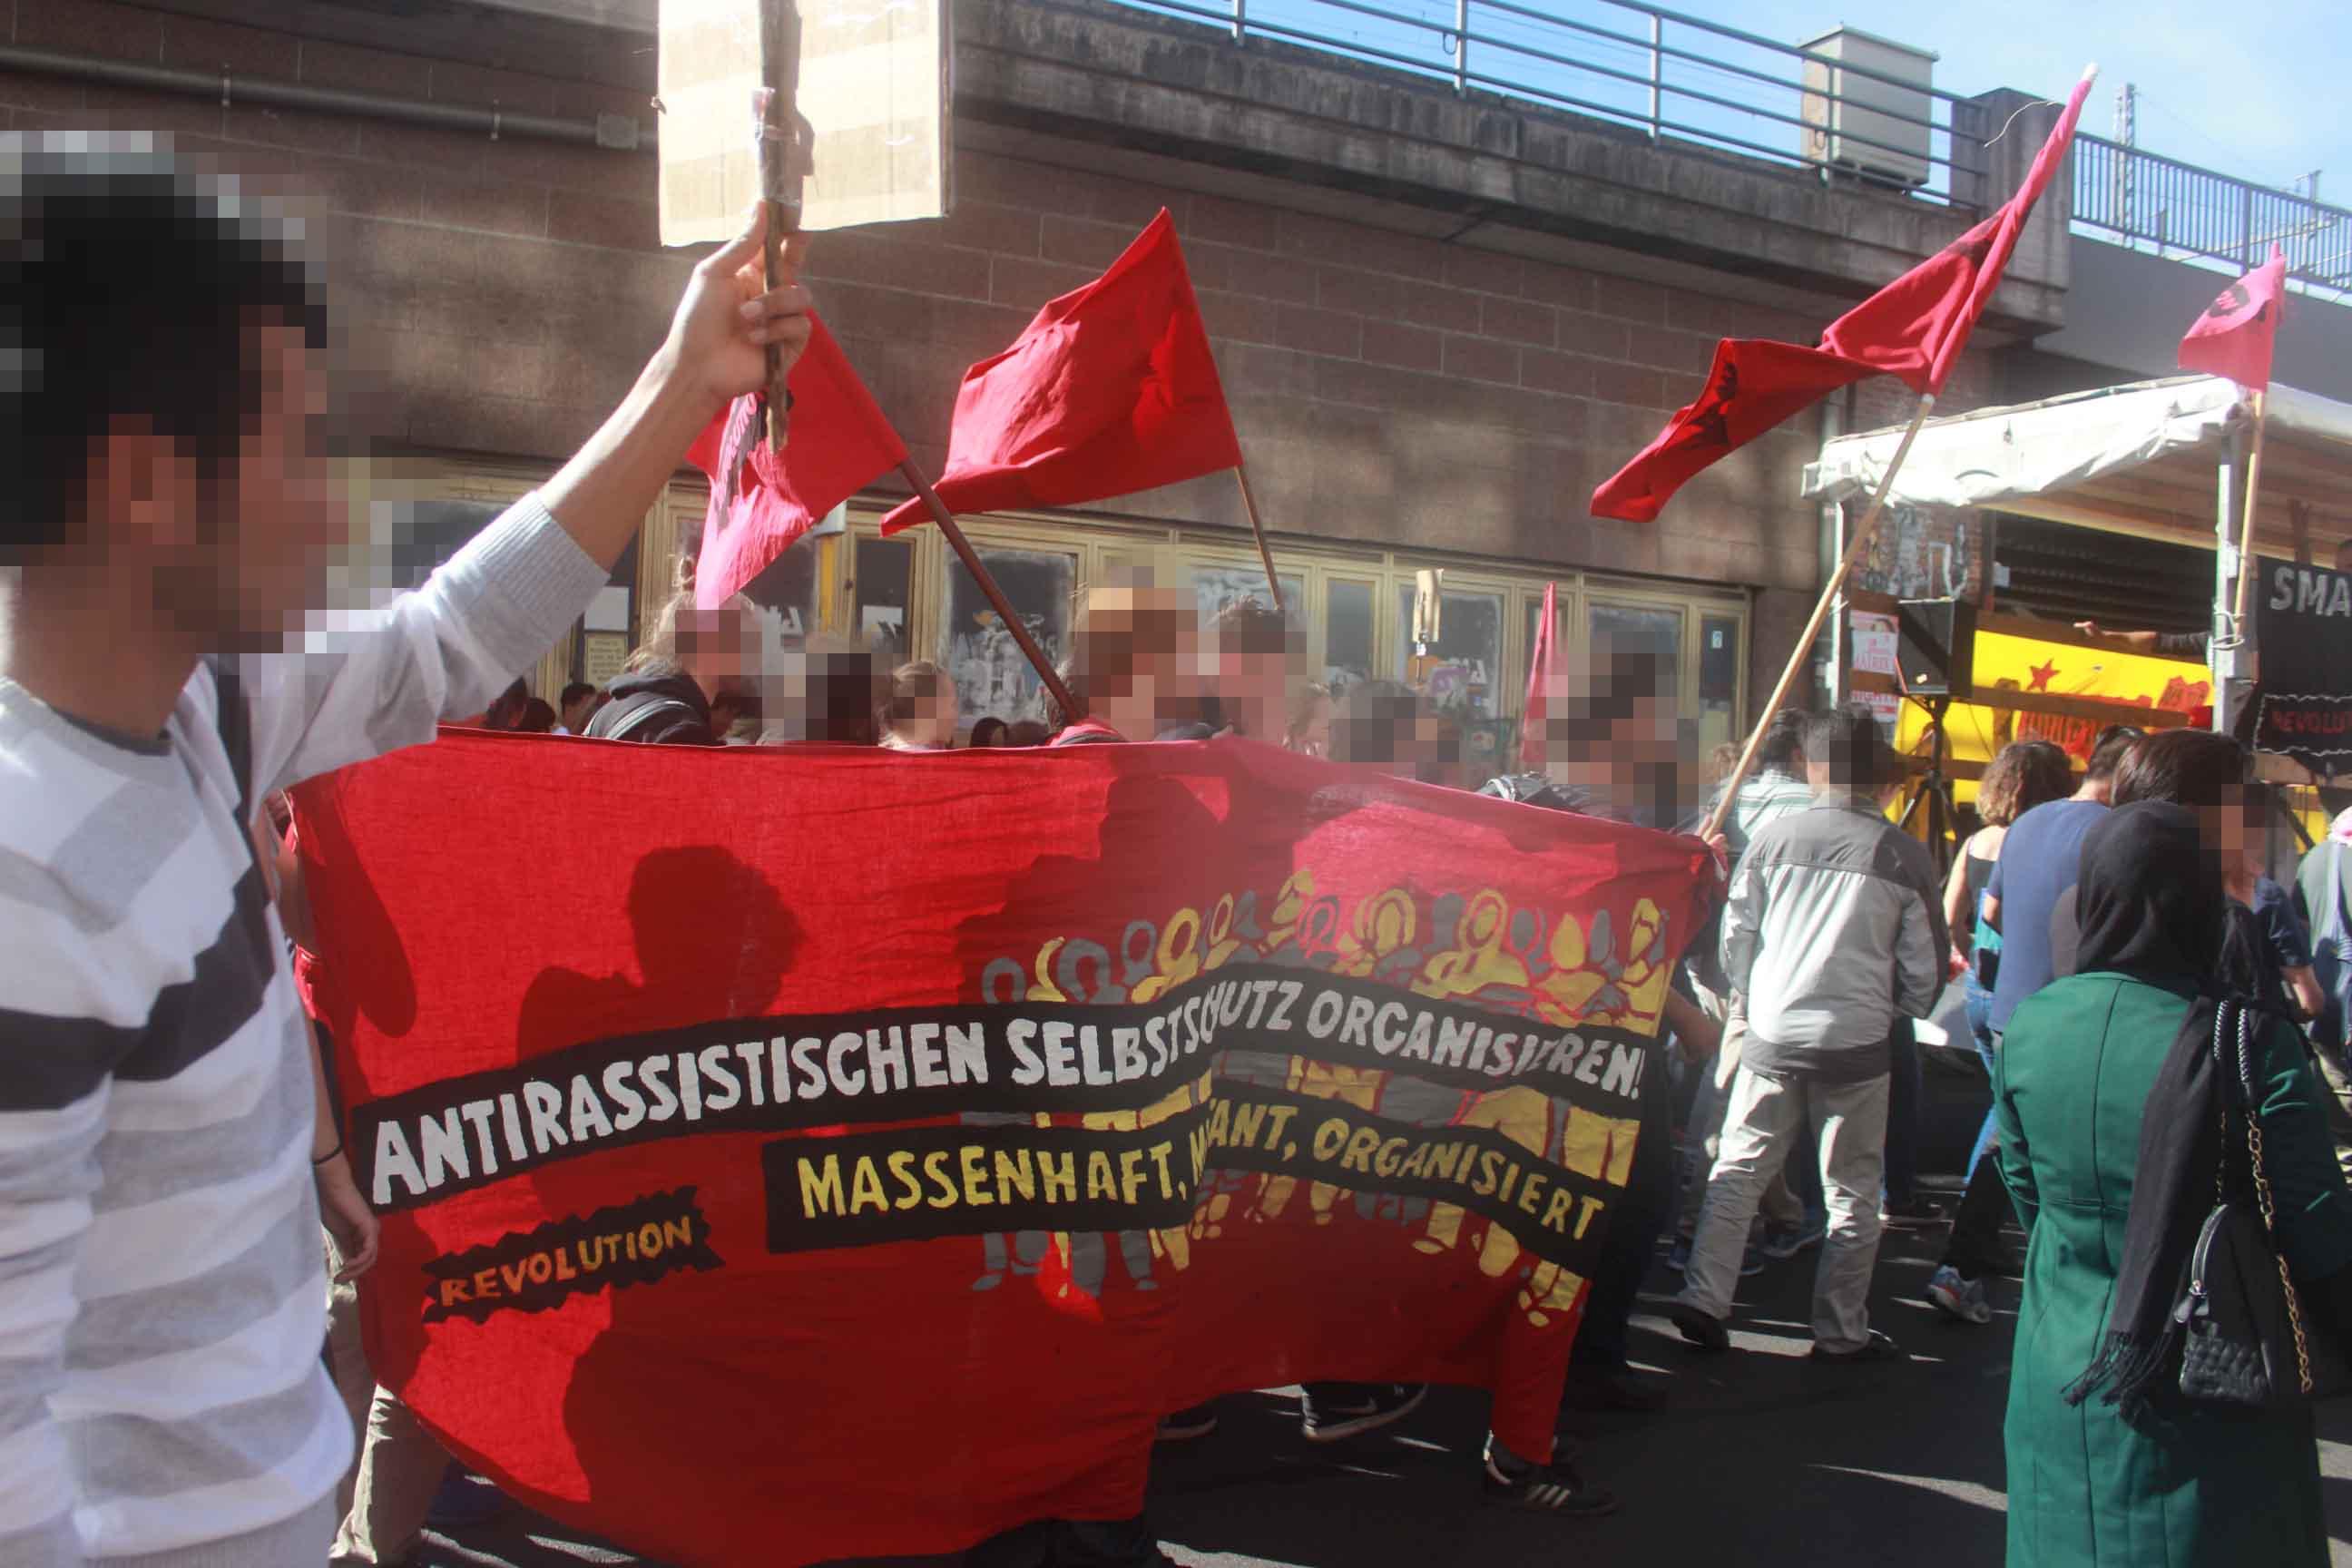 Antirassistischen Selbstschutz organisieren!